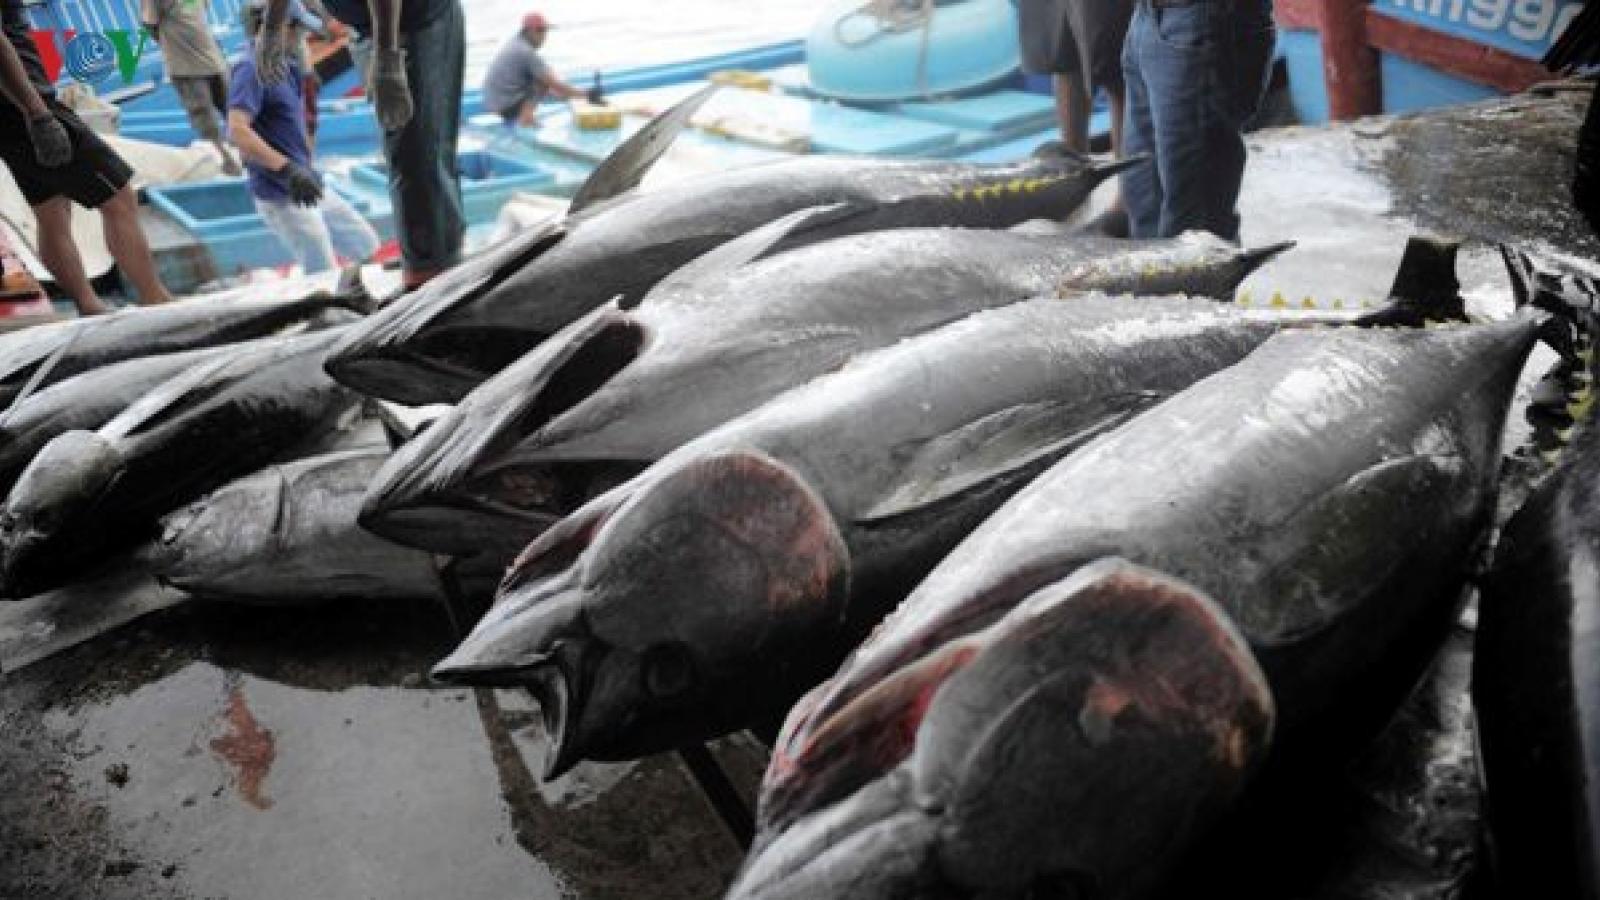 Khai thác thủy sản gặp khó, ngư dân không muốn ra khơi